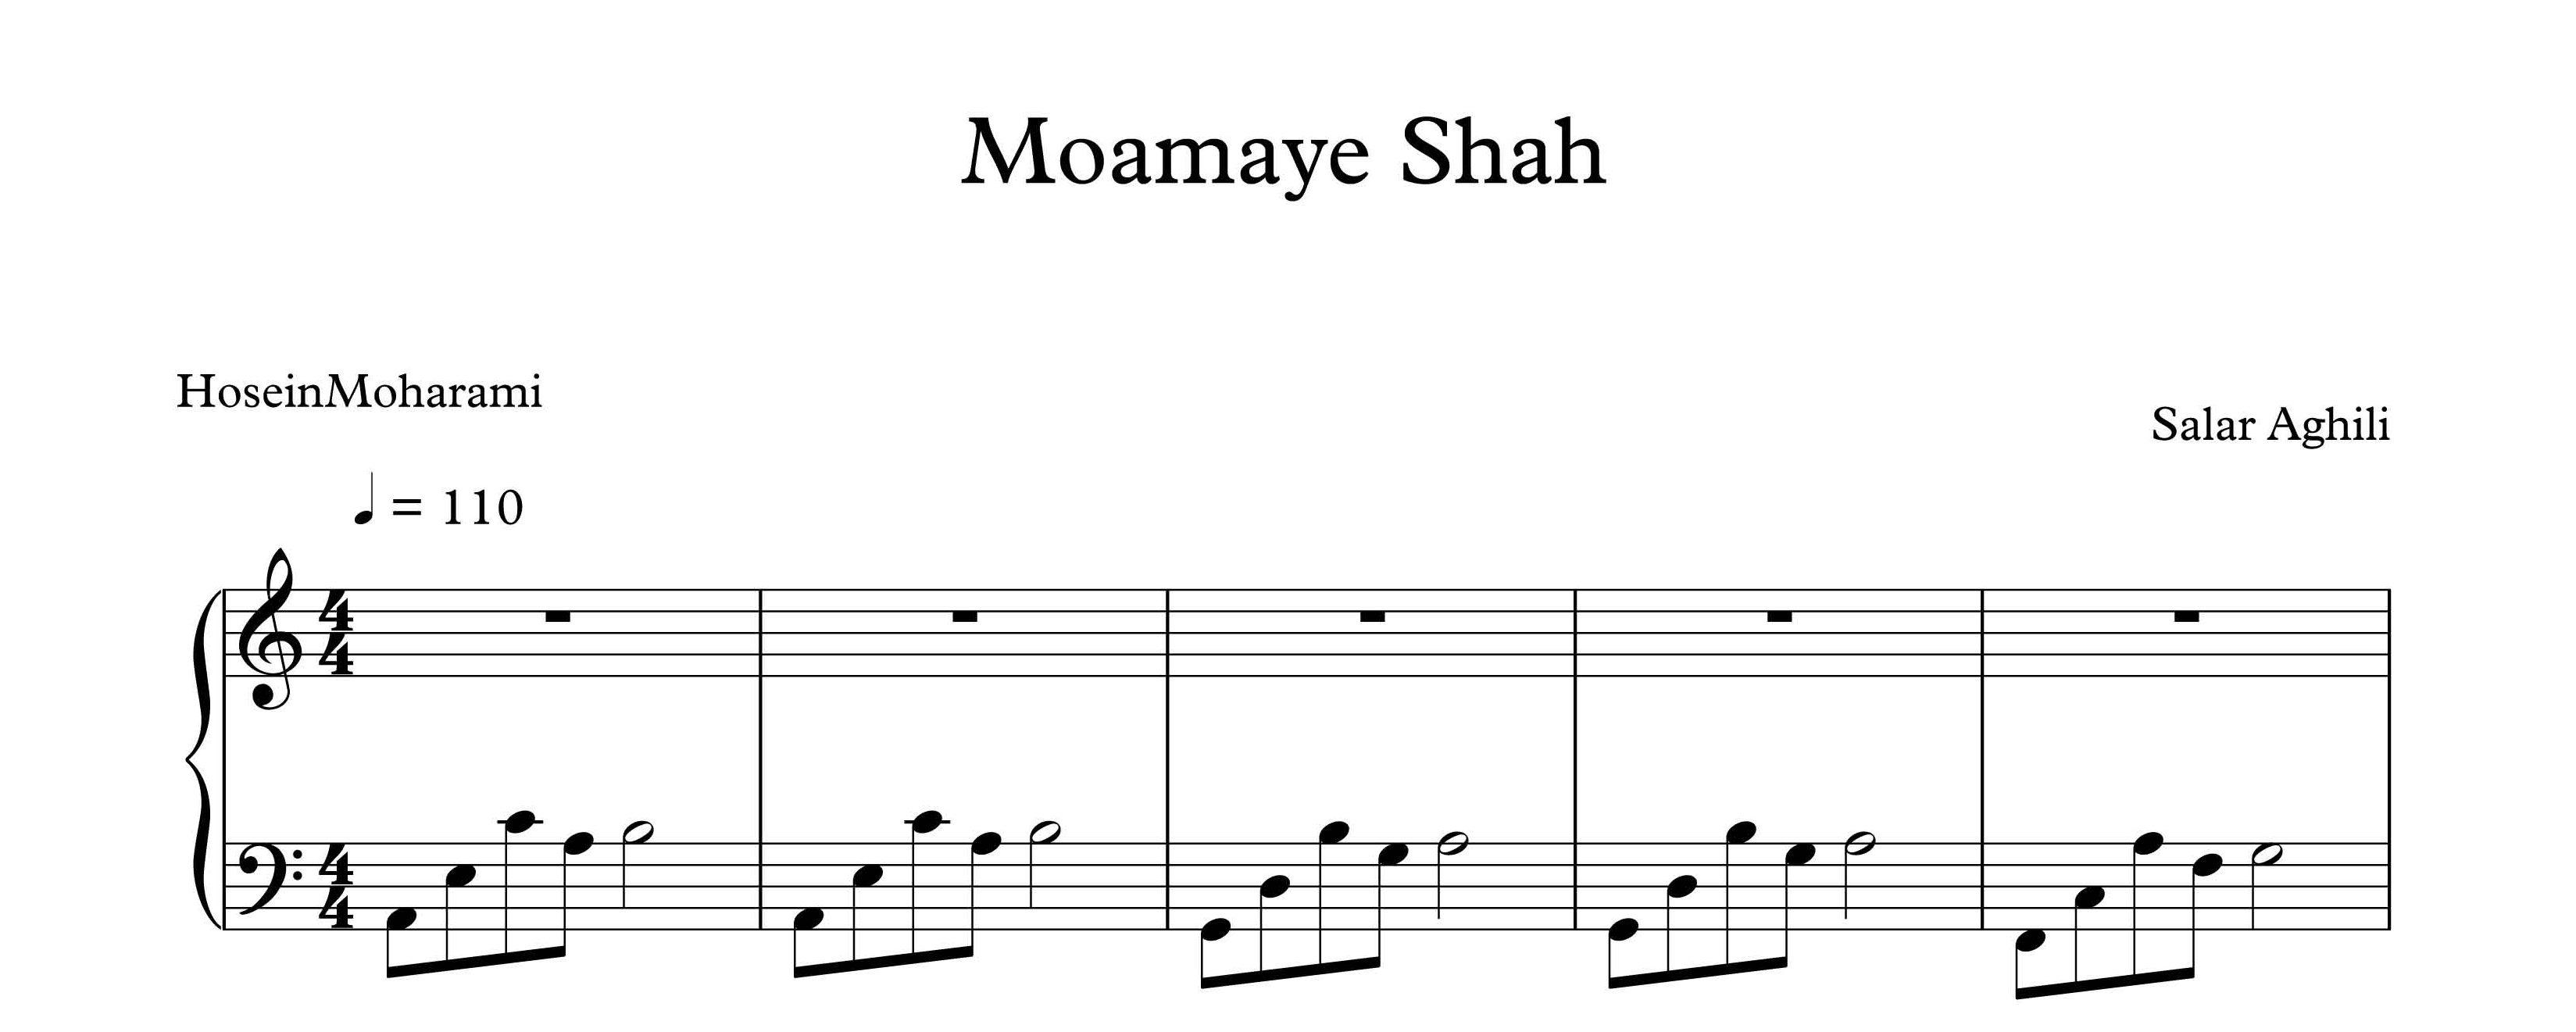 دانلود نت پیانو معمای  دانلود نت پیانوی معمای شاه - نت پیانو